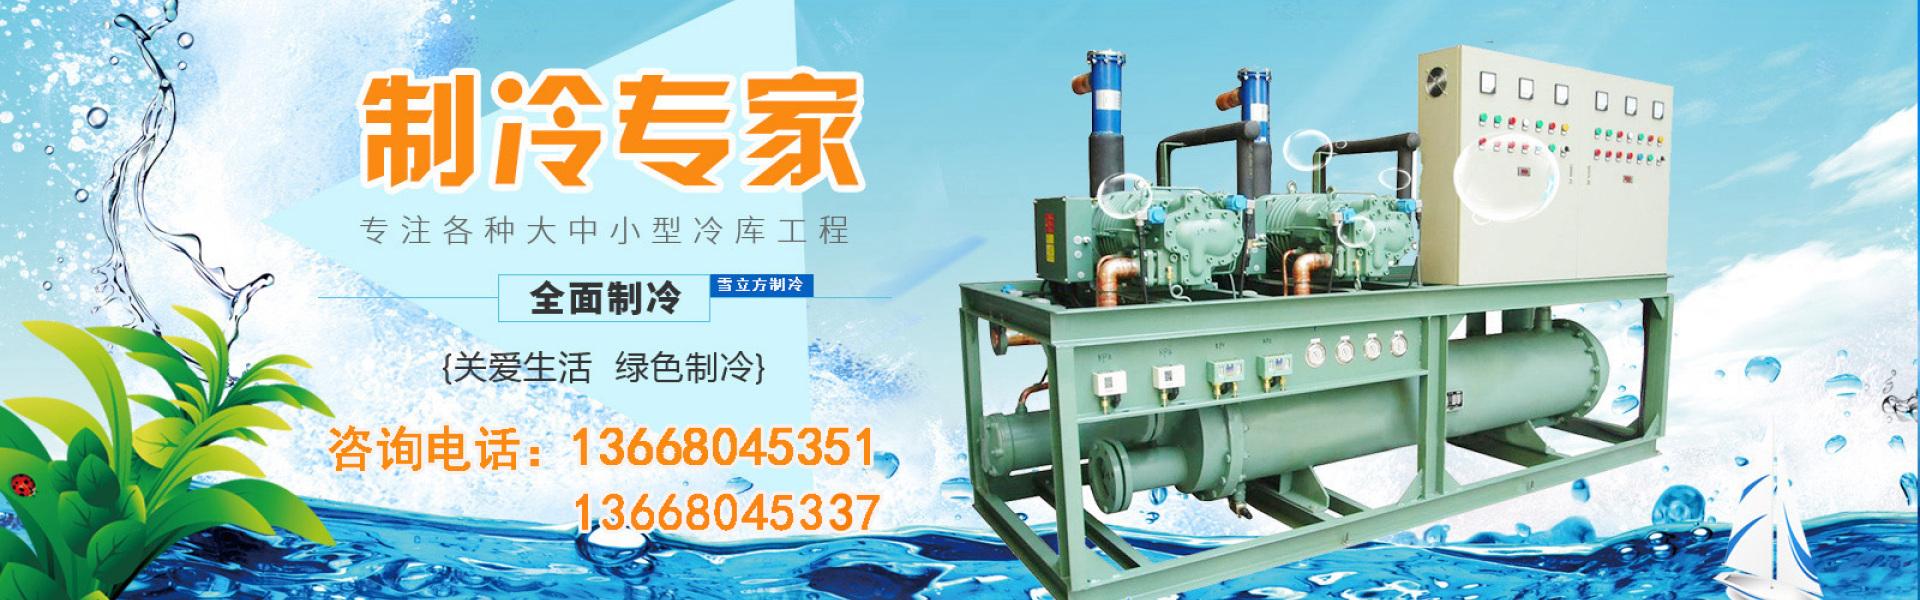 制冷专家专注各种大中小型冷库工程。重庆冻库维修电话:136-6804-5351